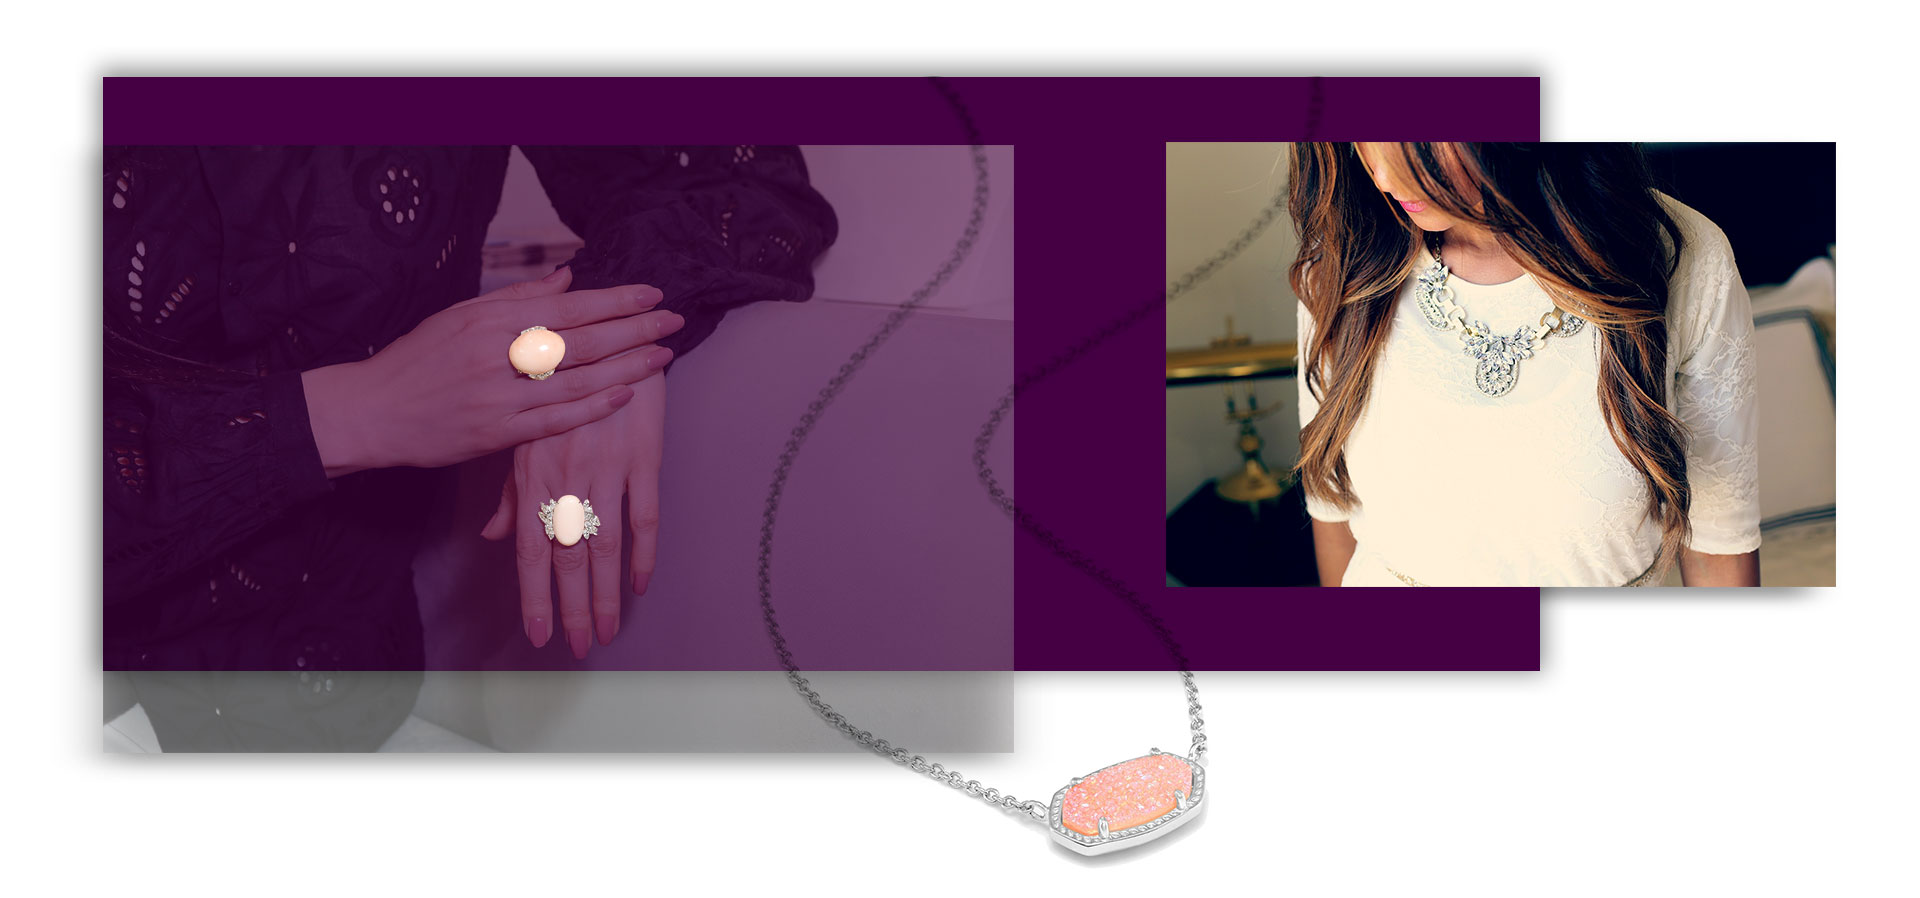 ست کردن لباس با جواهرات مناسب چهره